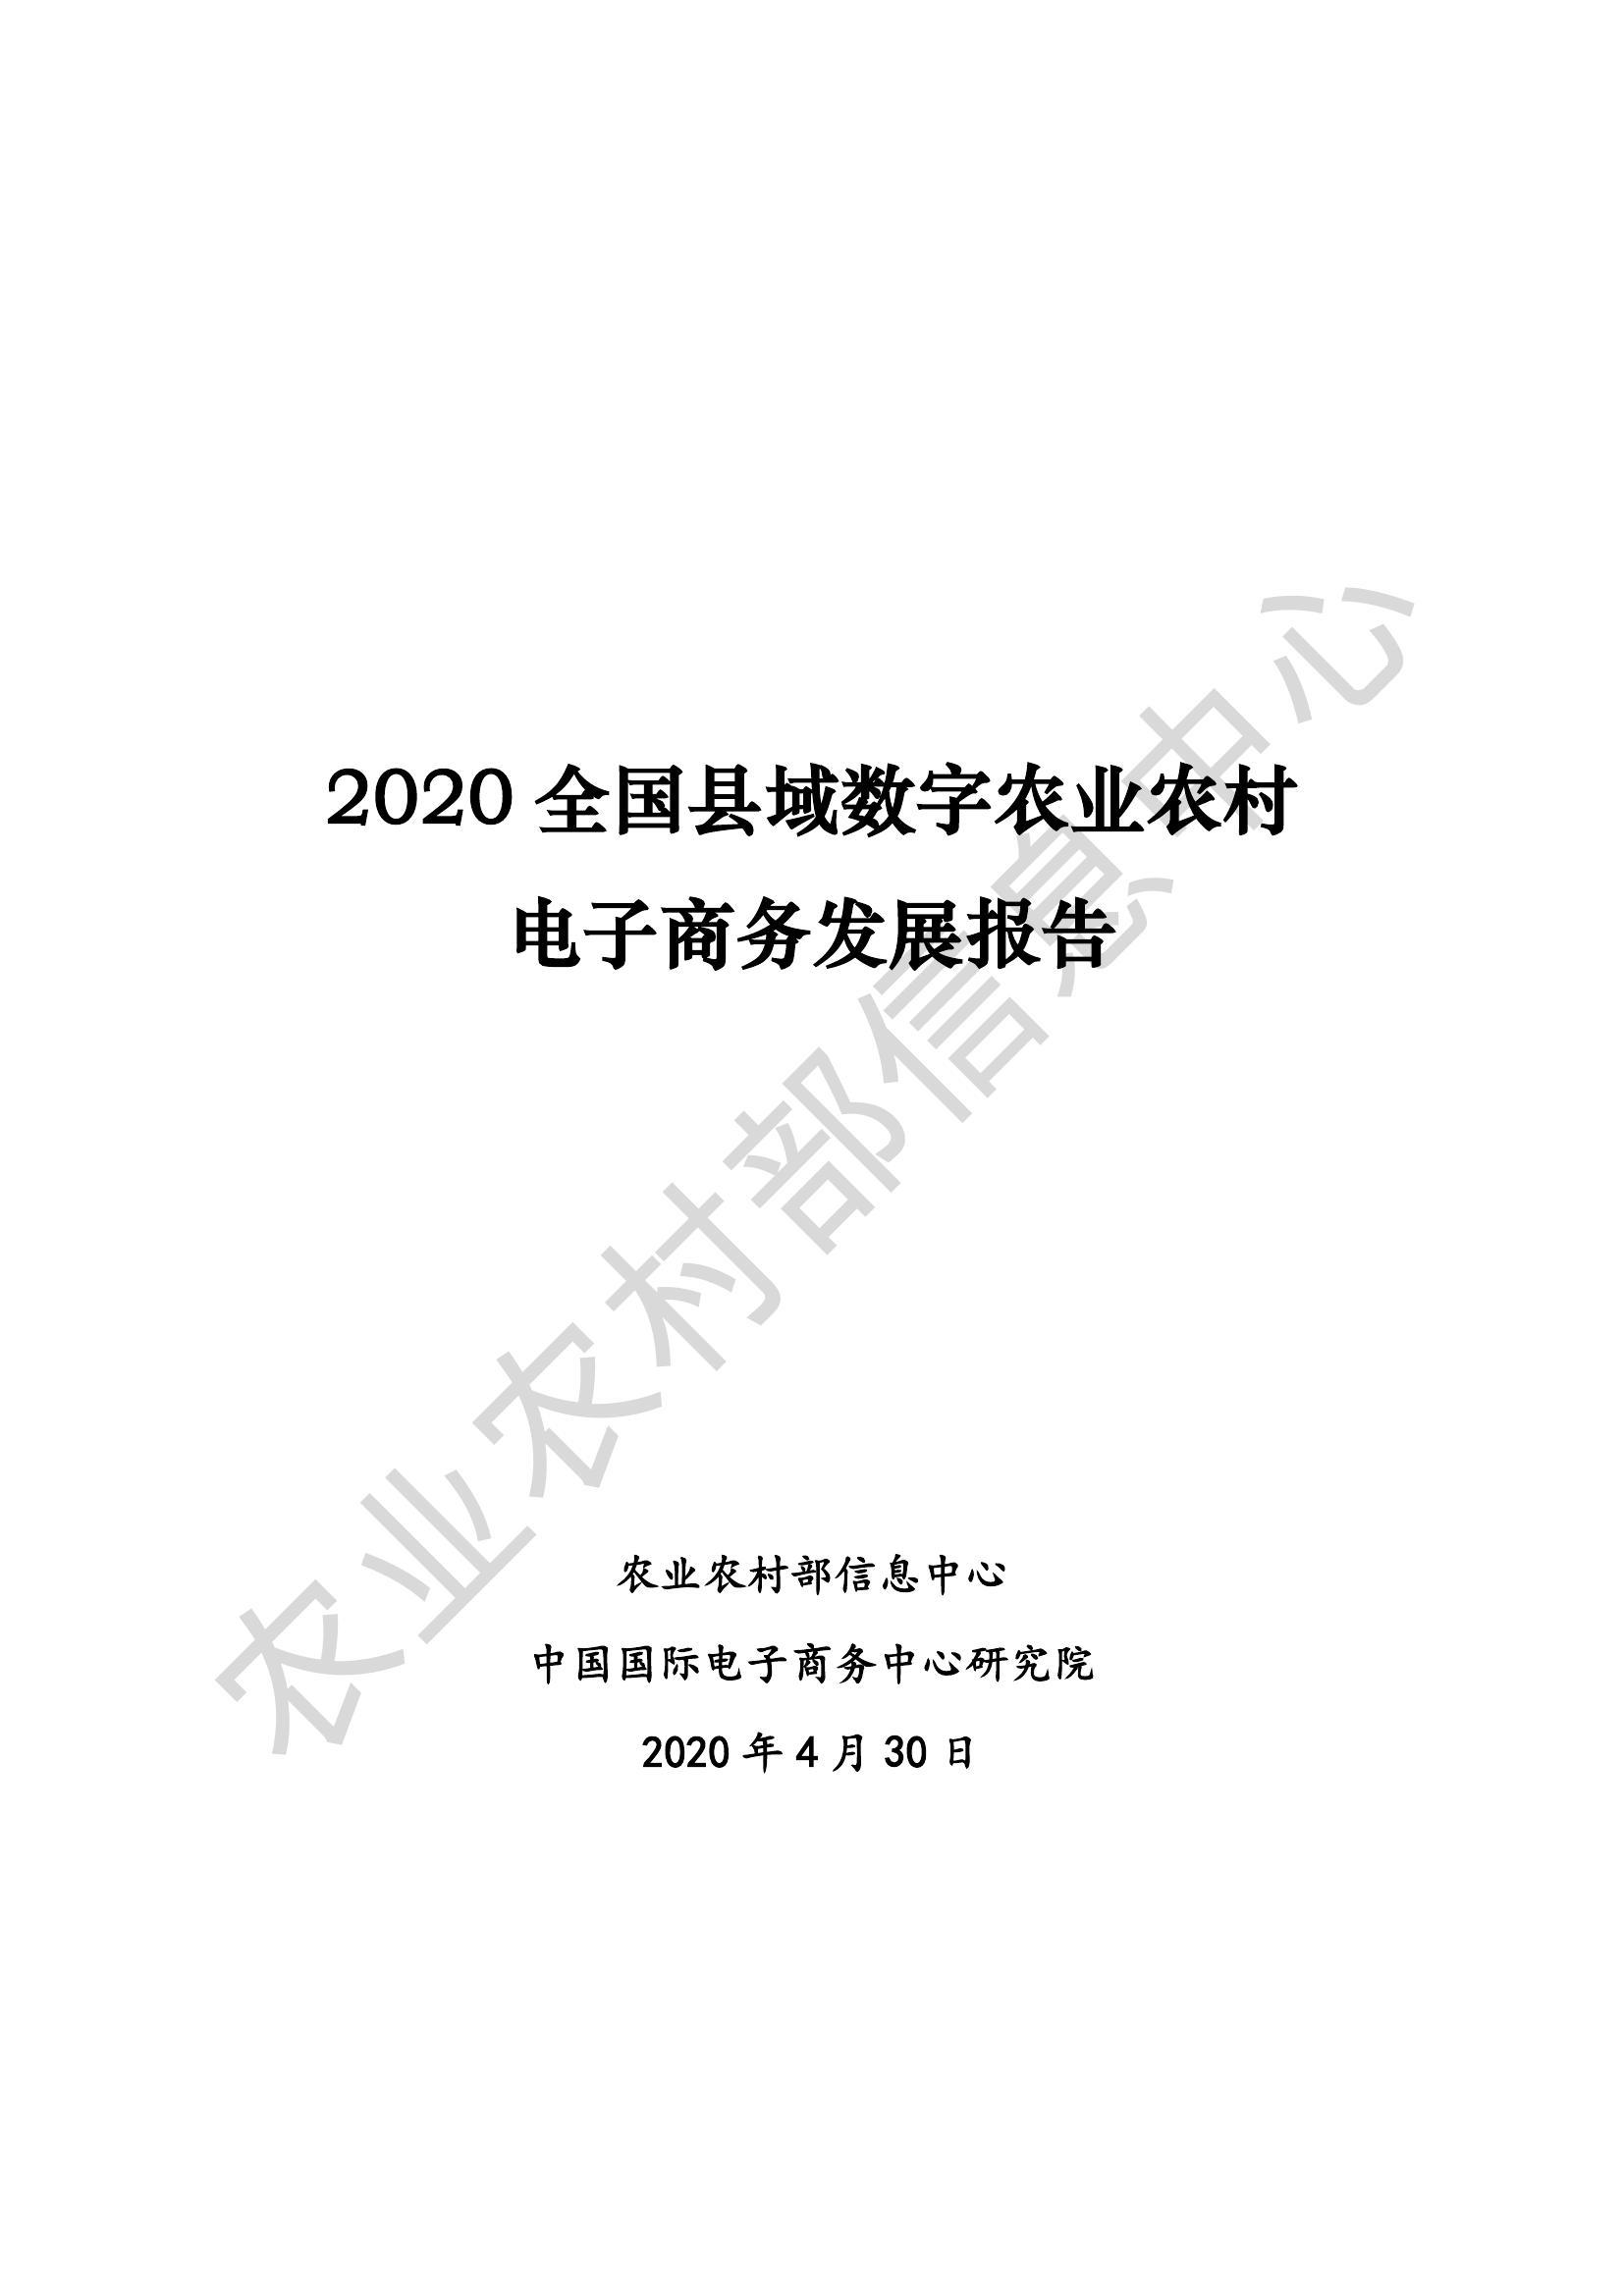 行业报告,2020全国县域数字农业农村电子商务发展报告